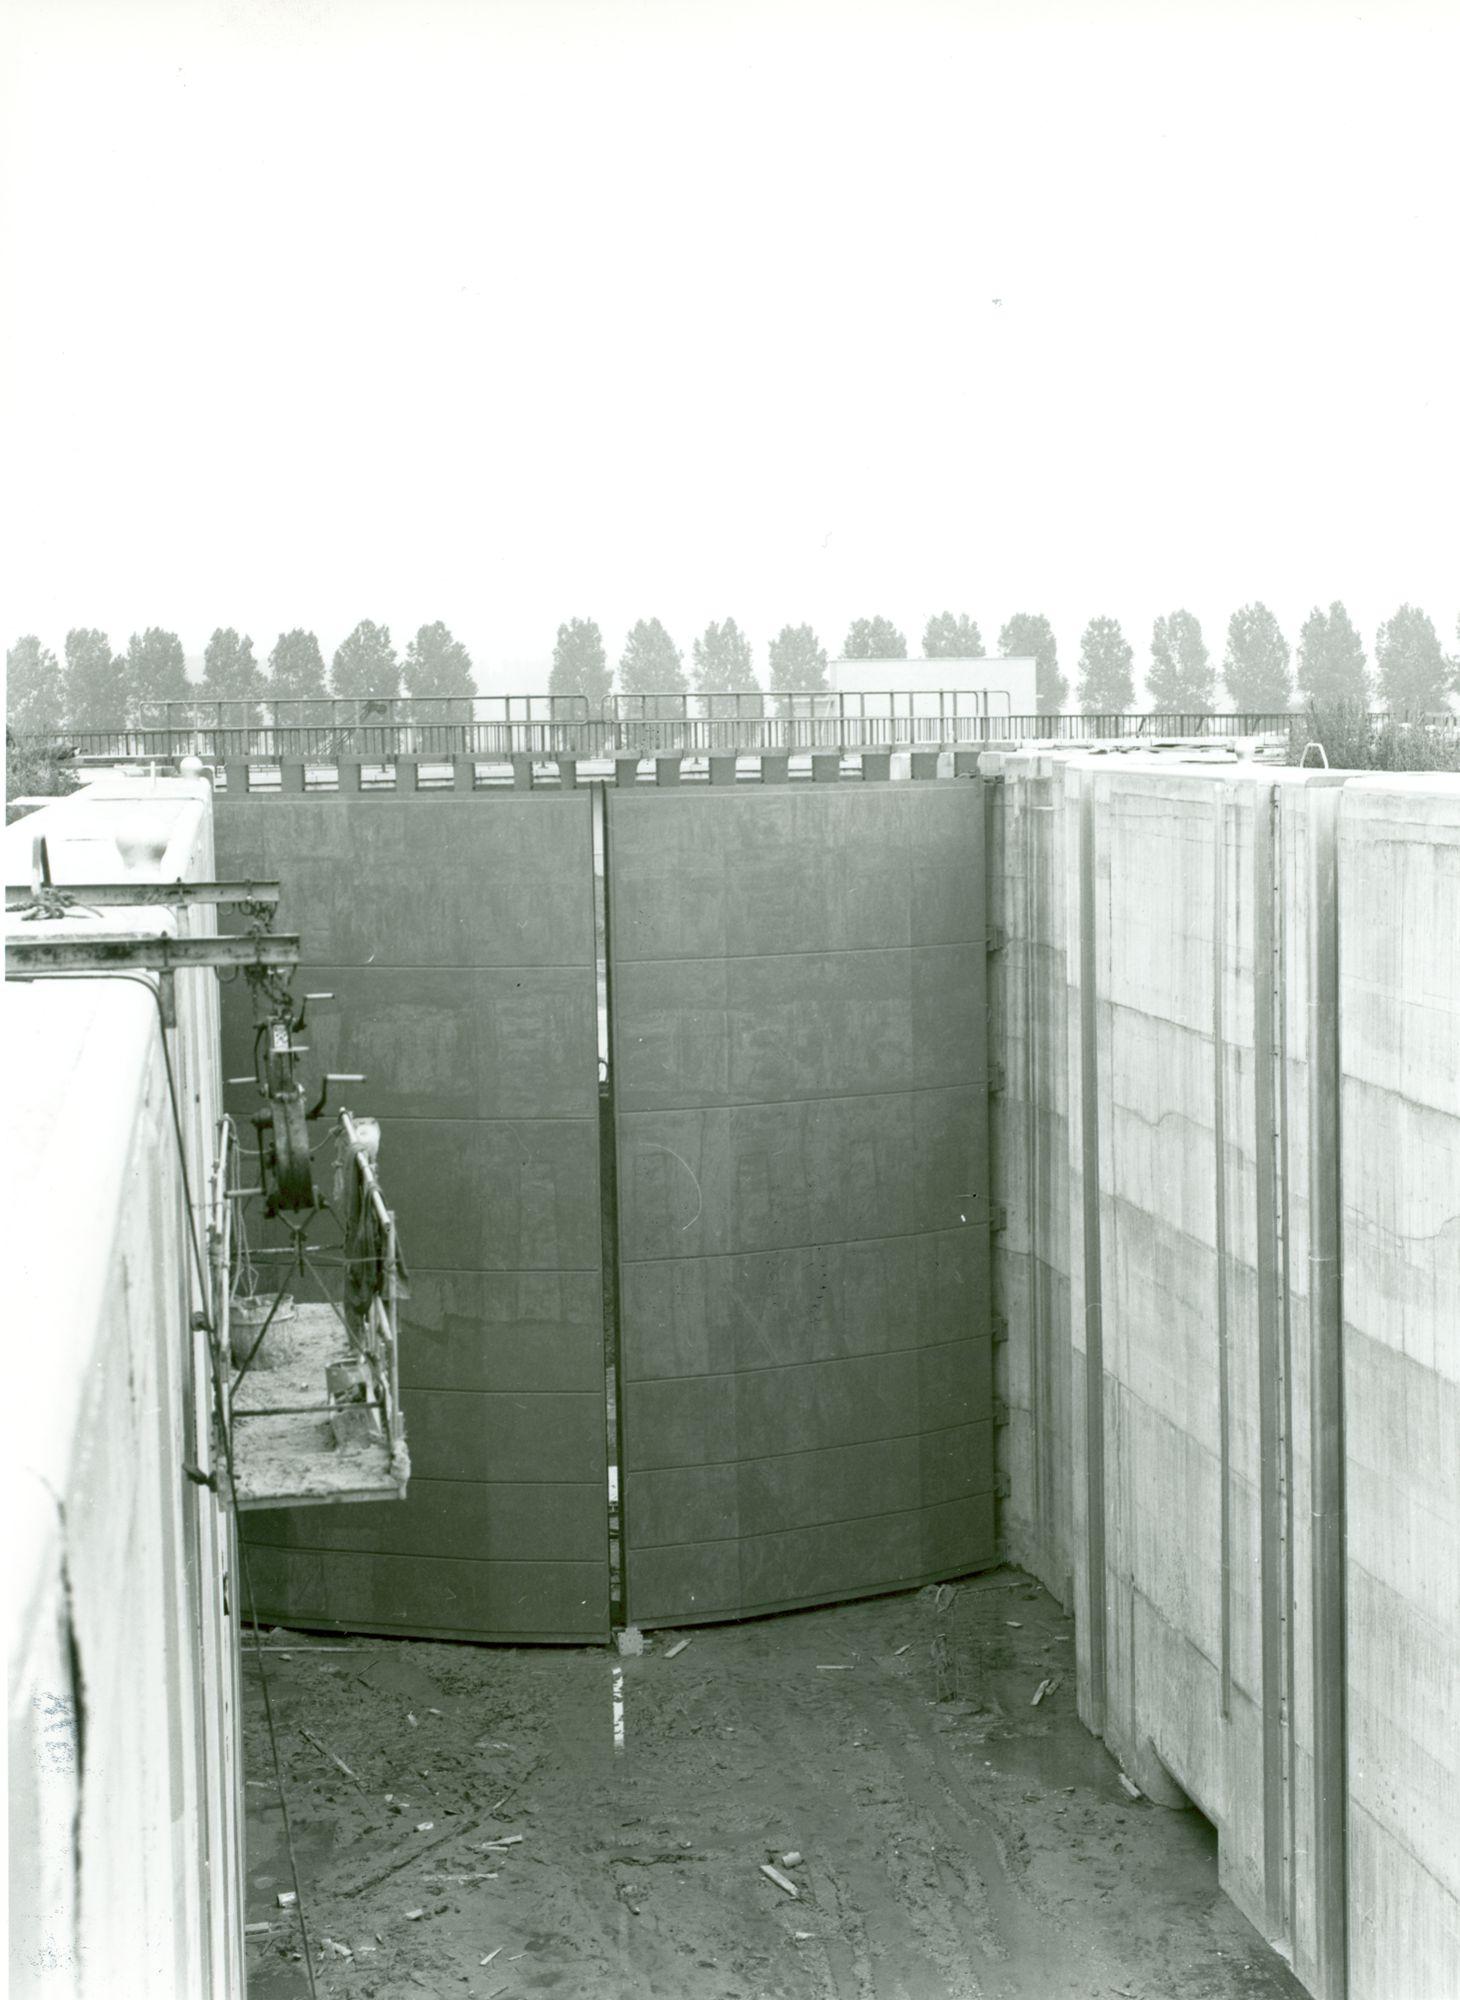 Bouw van de nieuwe sluis van Bossuit 1976